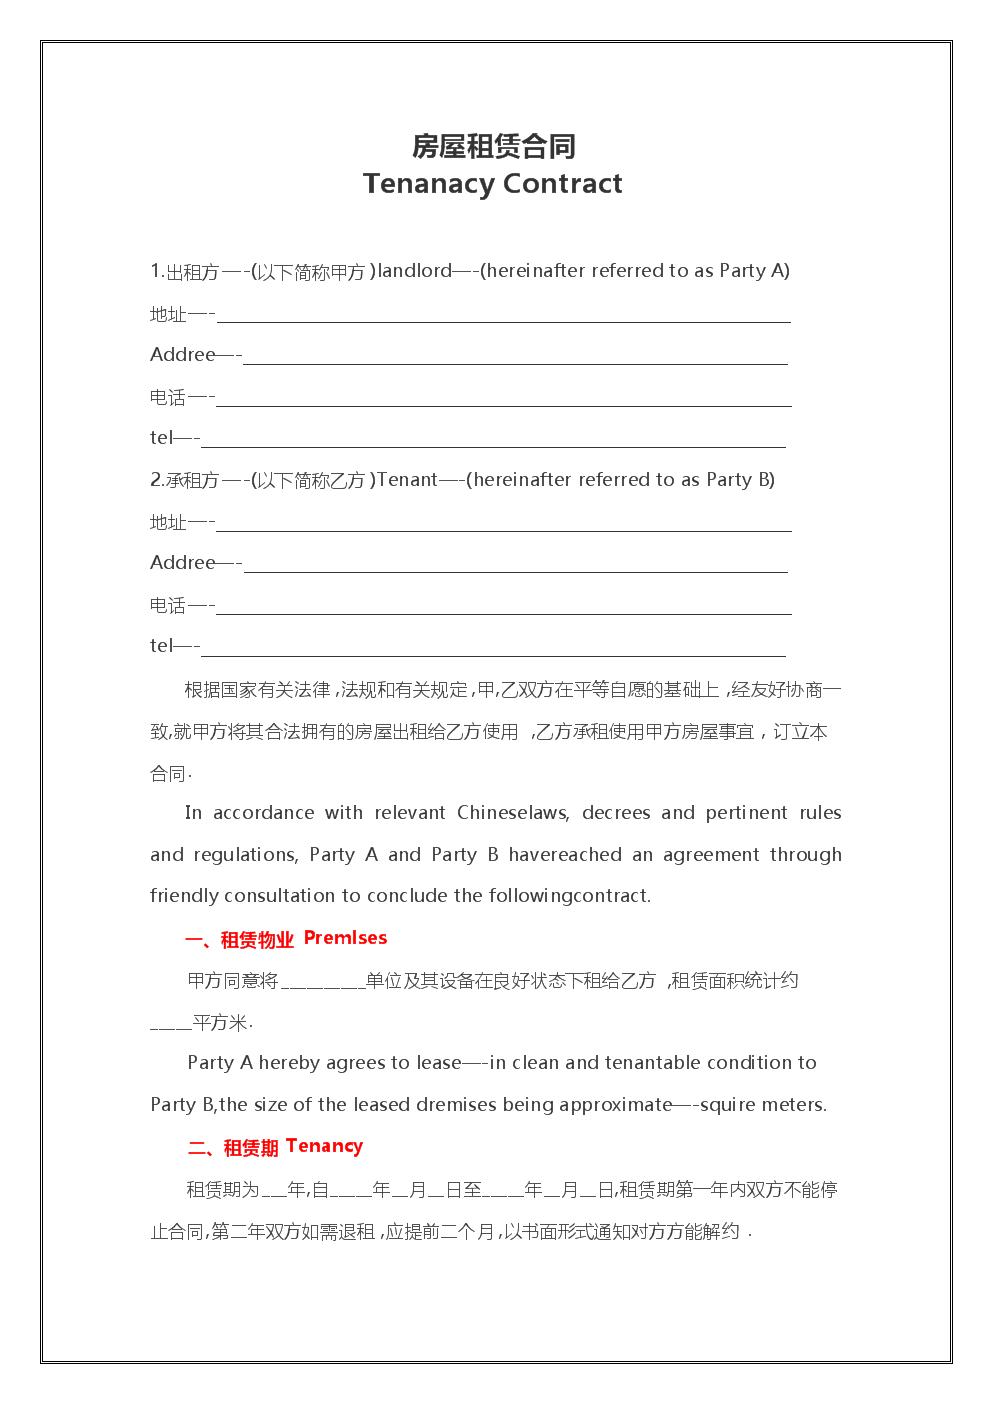 参考范文 中英文对照房屋租赁合同.docx